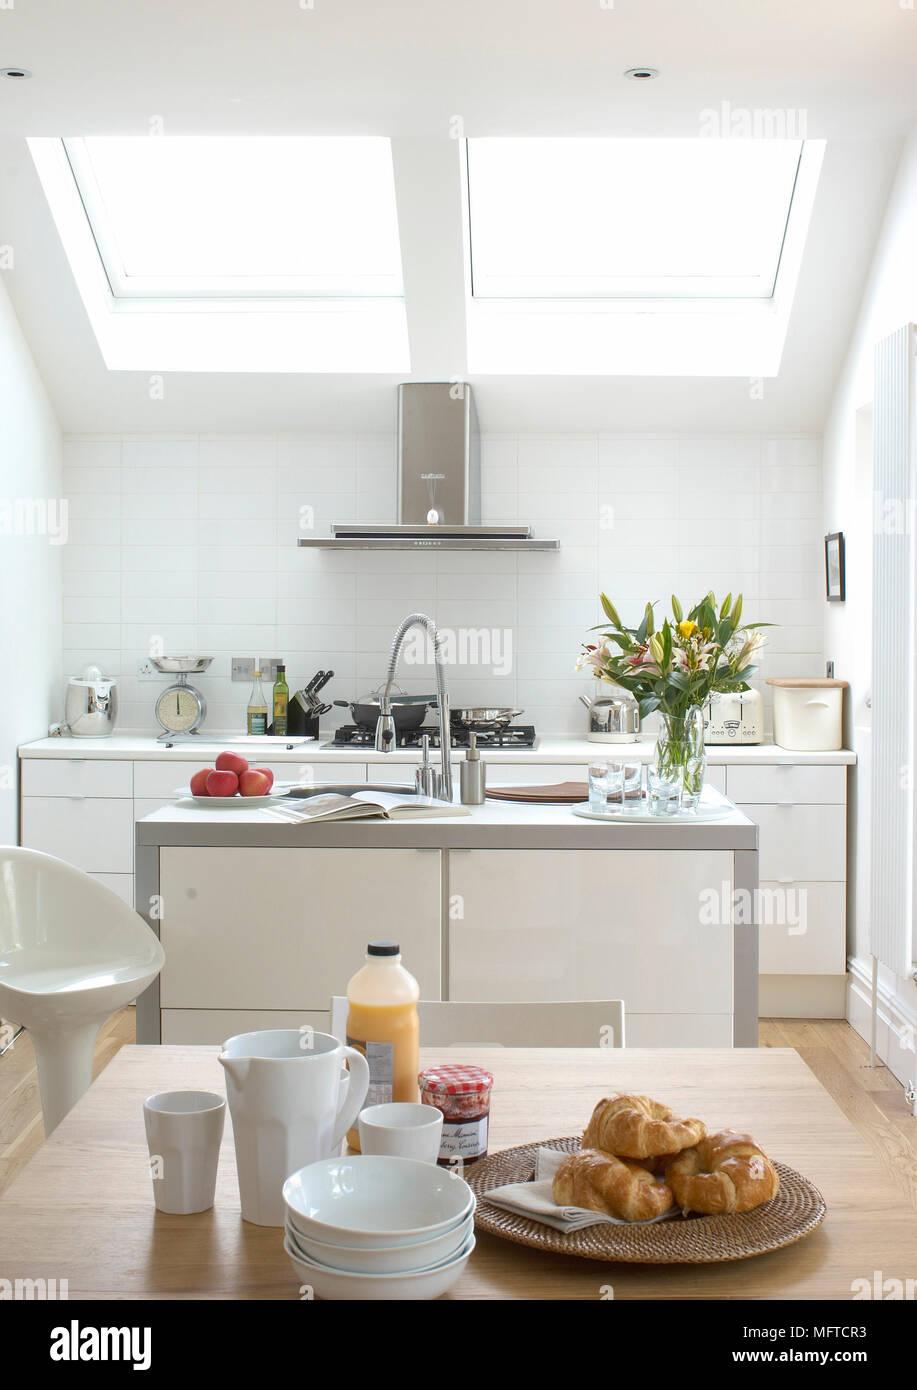 Groß Kücheninsel Mit Schneidebrett Top Fotos - Ideen Für Die Küche ...